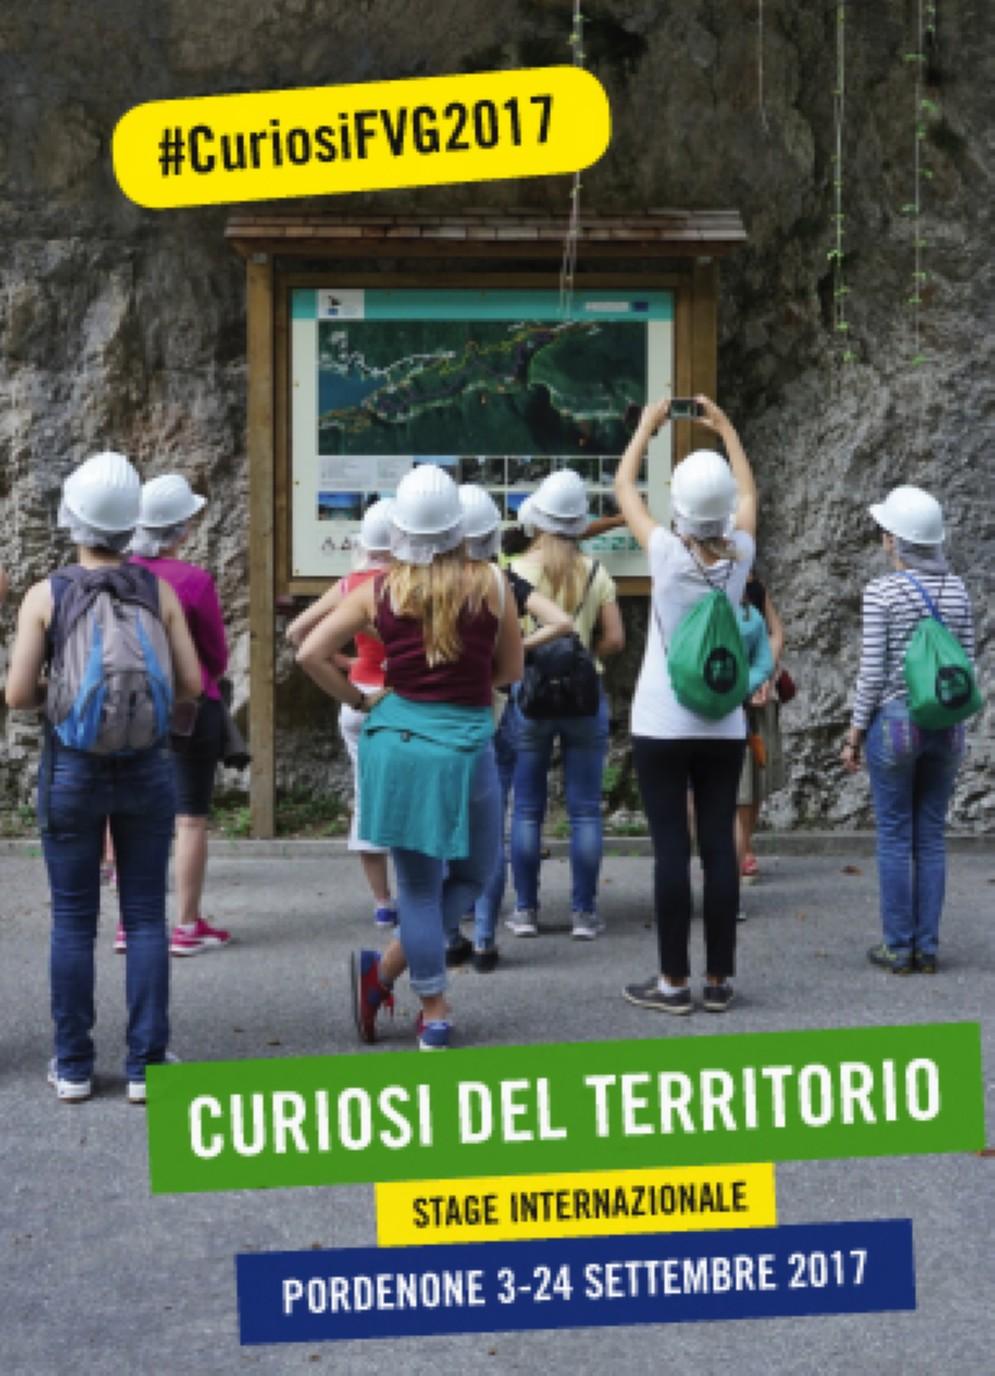 """Aperto il bando di selezione partecipanti per lo """"Stage Internazionale Curiosi del Territorio 2017"""""""